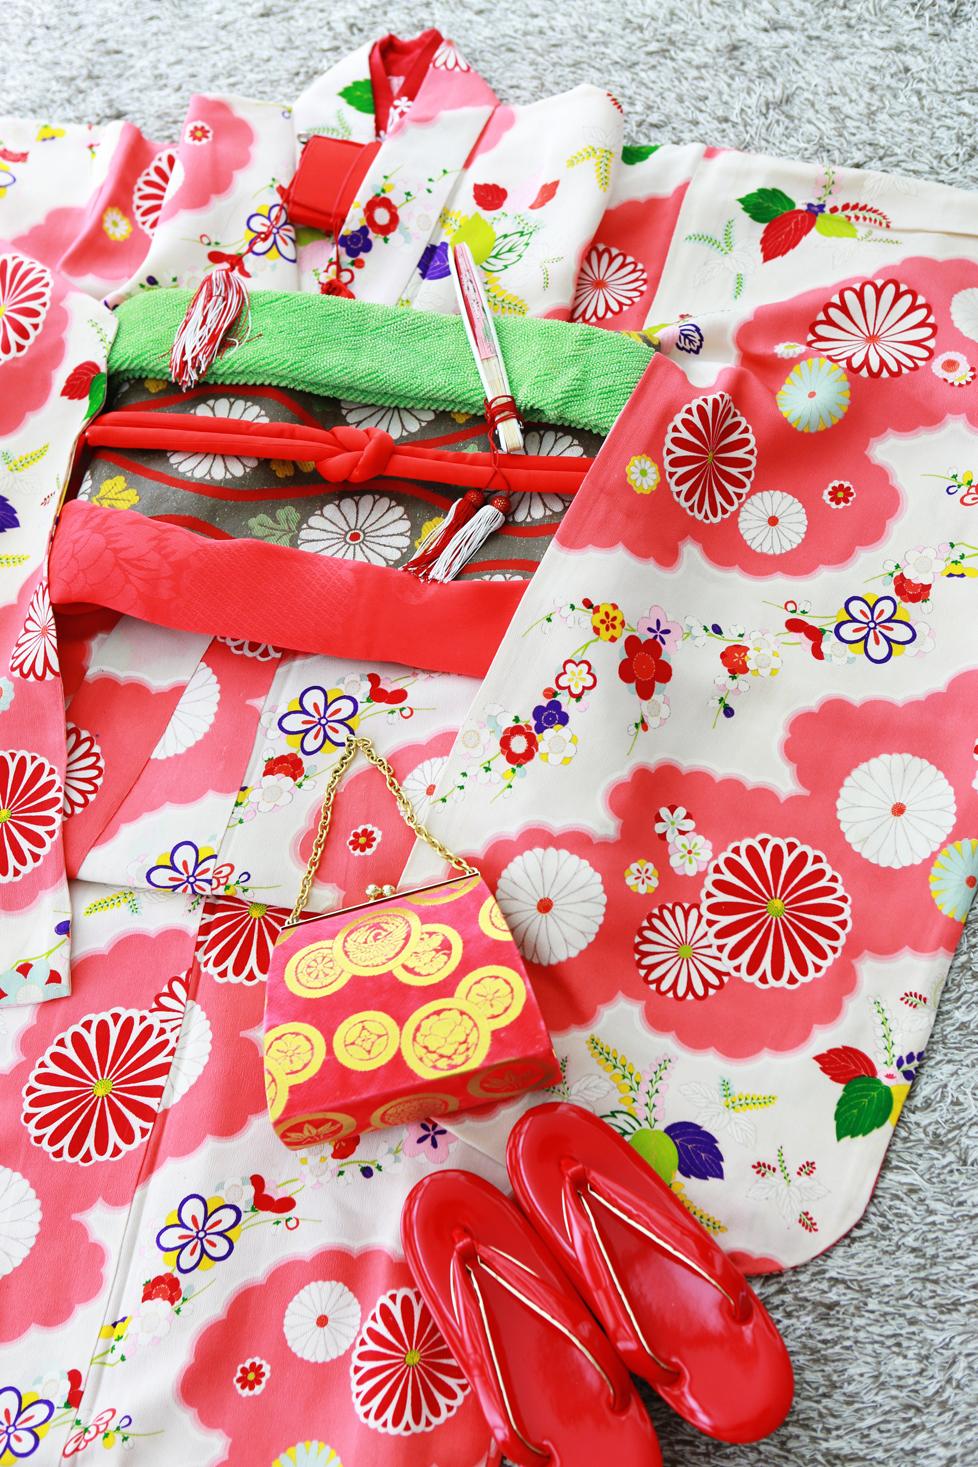 とても可愛らしいピンクの着物。こちらもアンティークです。遊び心ある花模様は、見るほどに魅力を感じさせます。